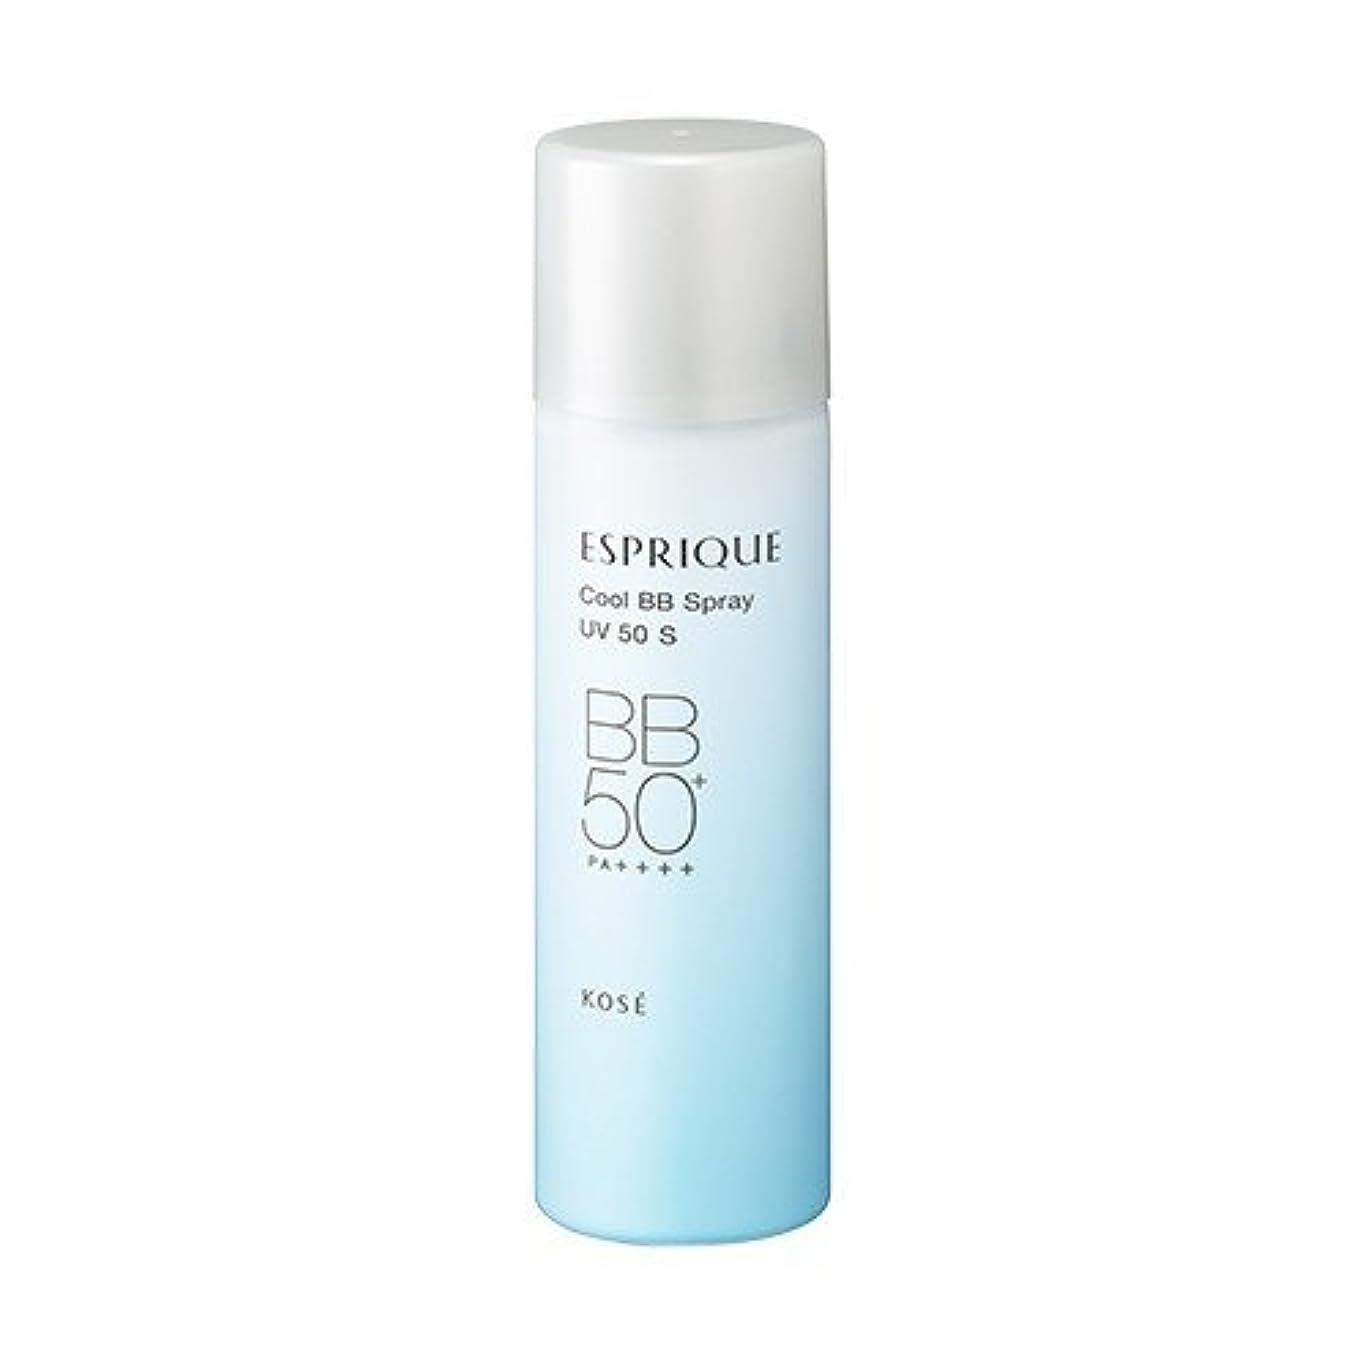 写真を描く上流の重要なコーセー エスプリーク ひんやりタッチ BBスプレー UV 50 S 35g #02 標準的な肌色